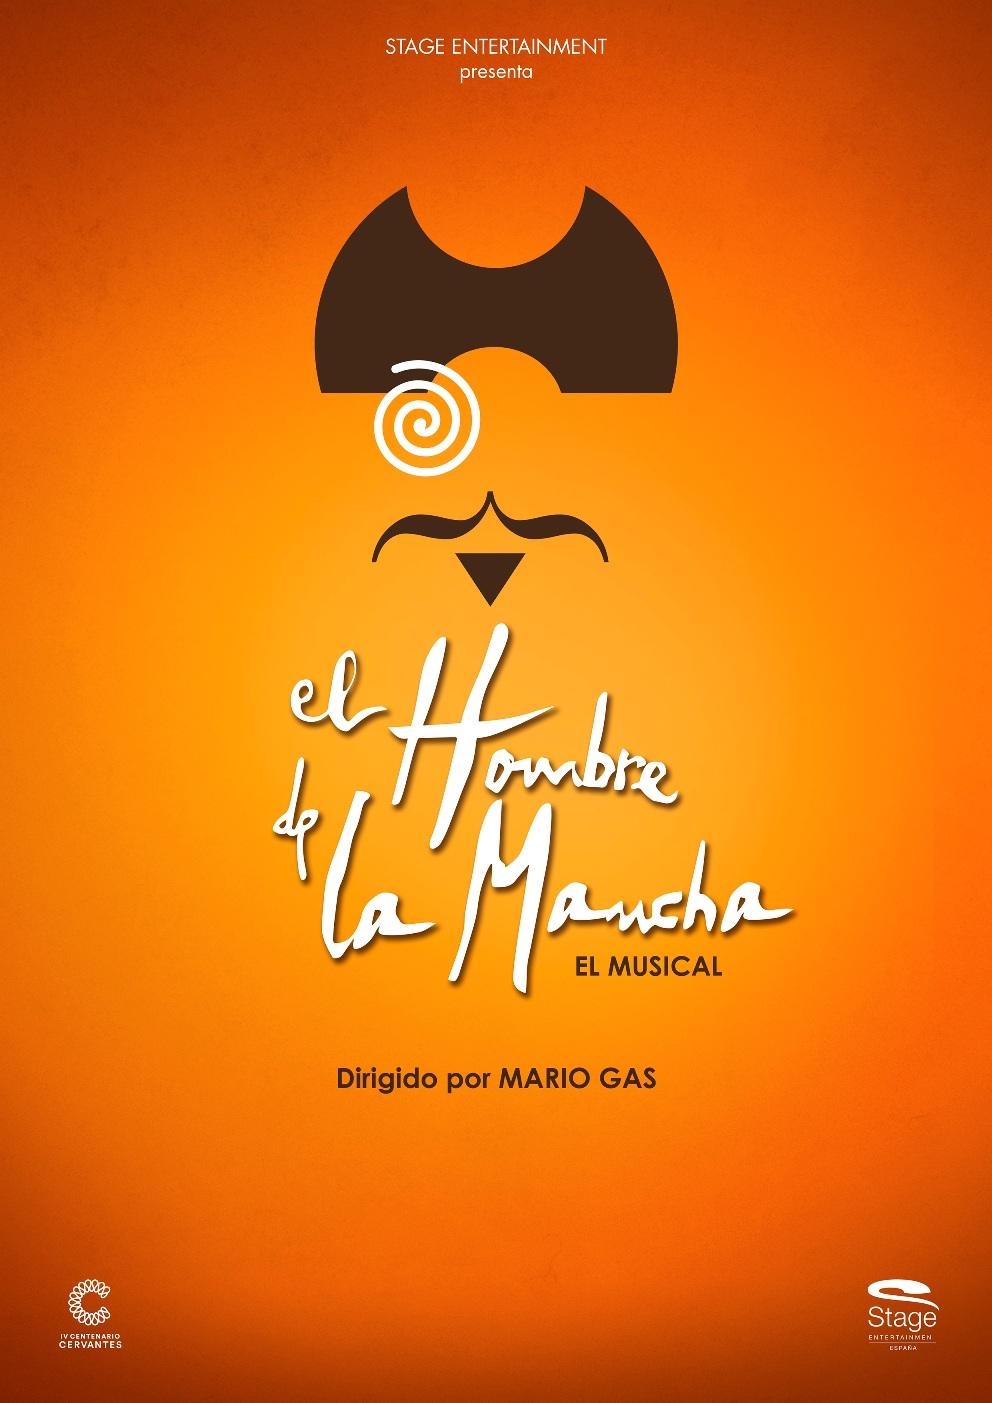 El-hombre-de-la-mancha-stage-entertainment